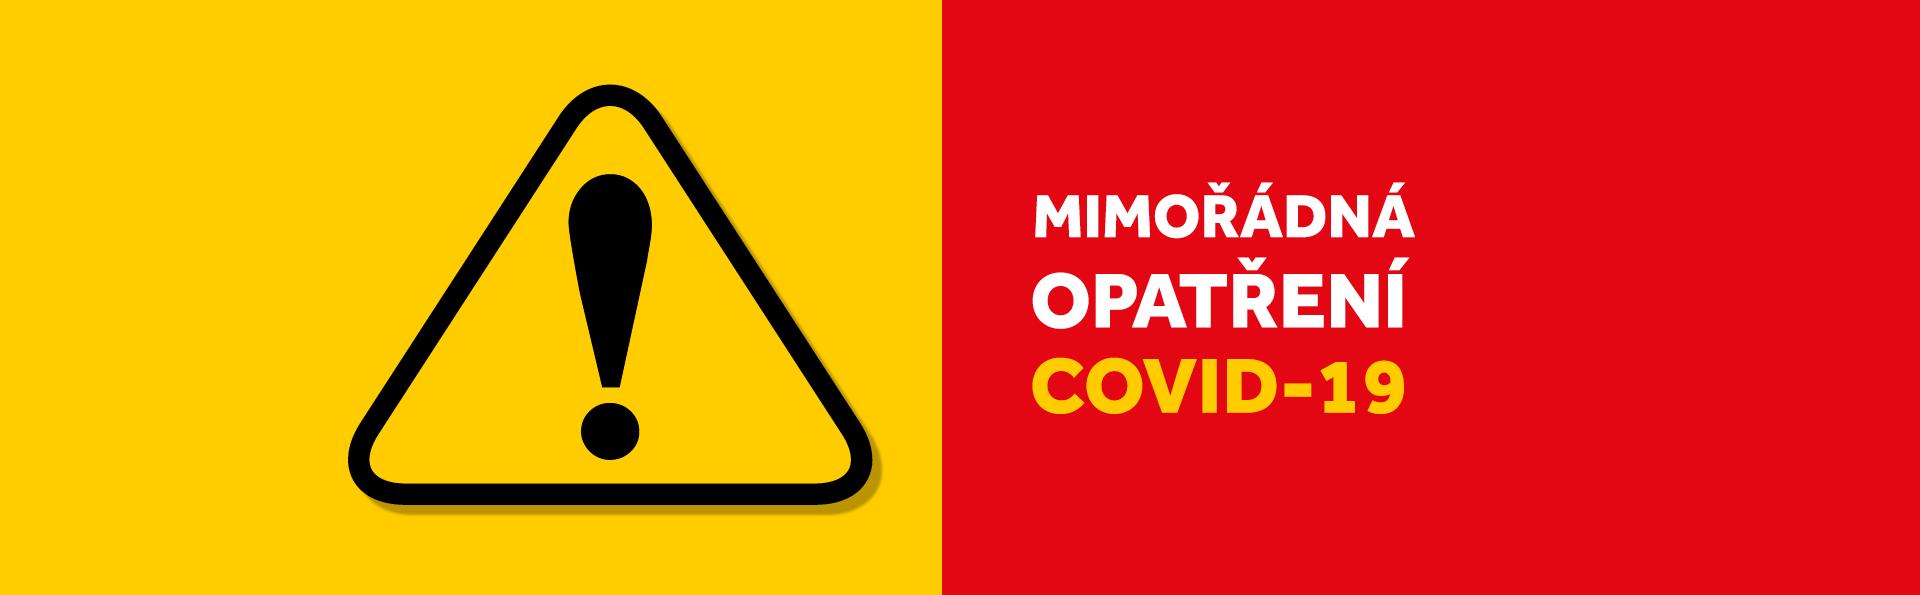 Mimořádná opatření COVID-19